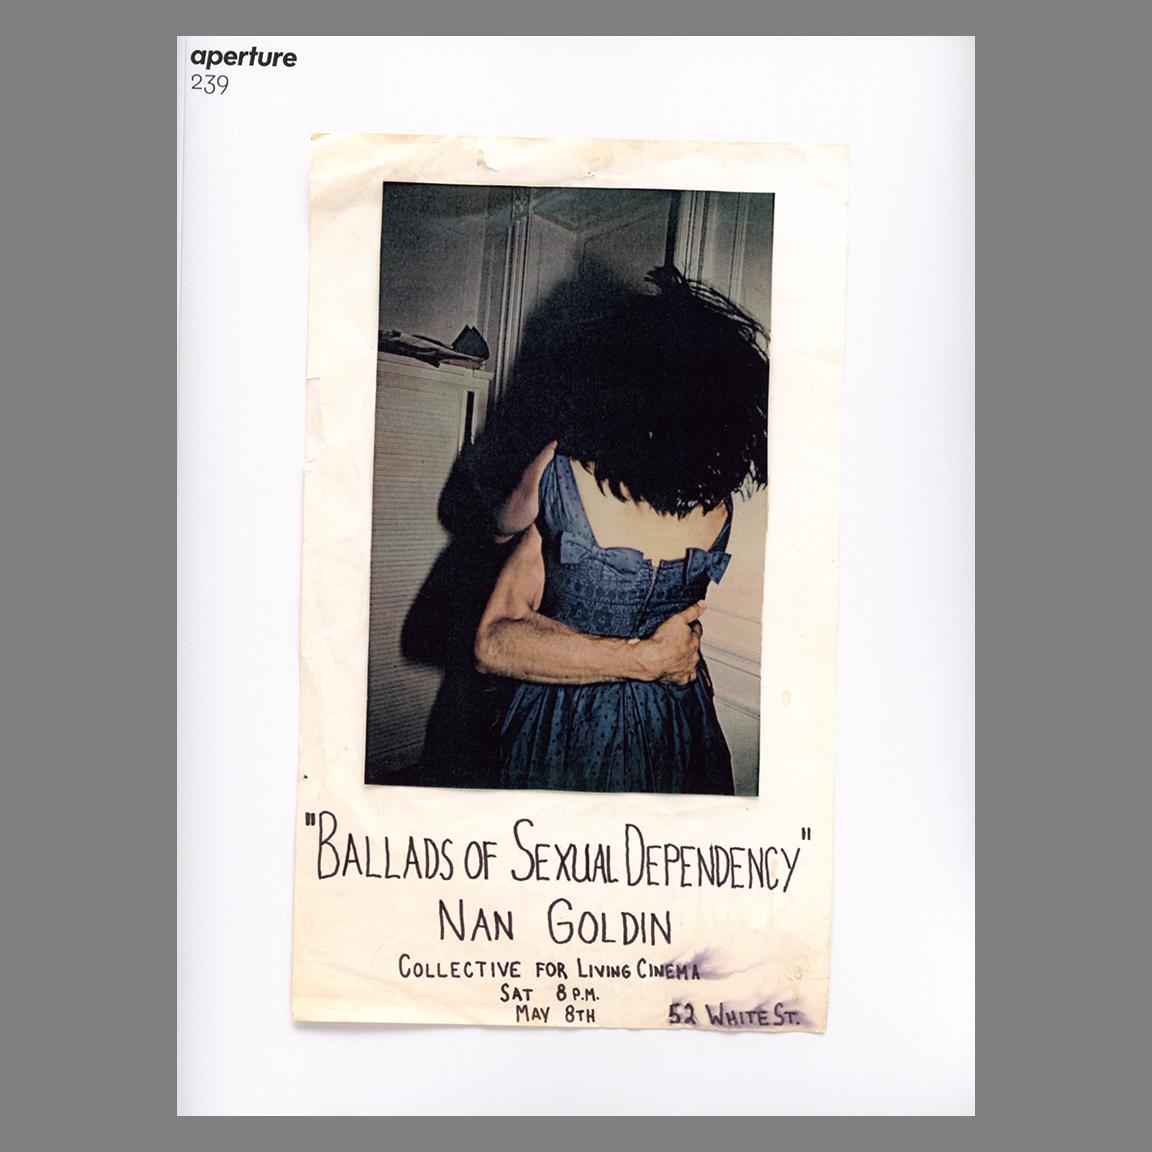 Aperture 239 - Ballads